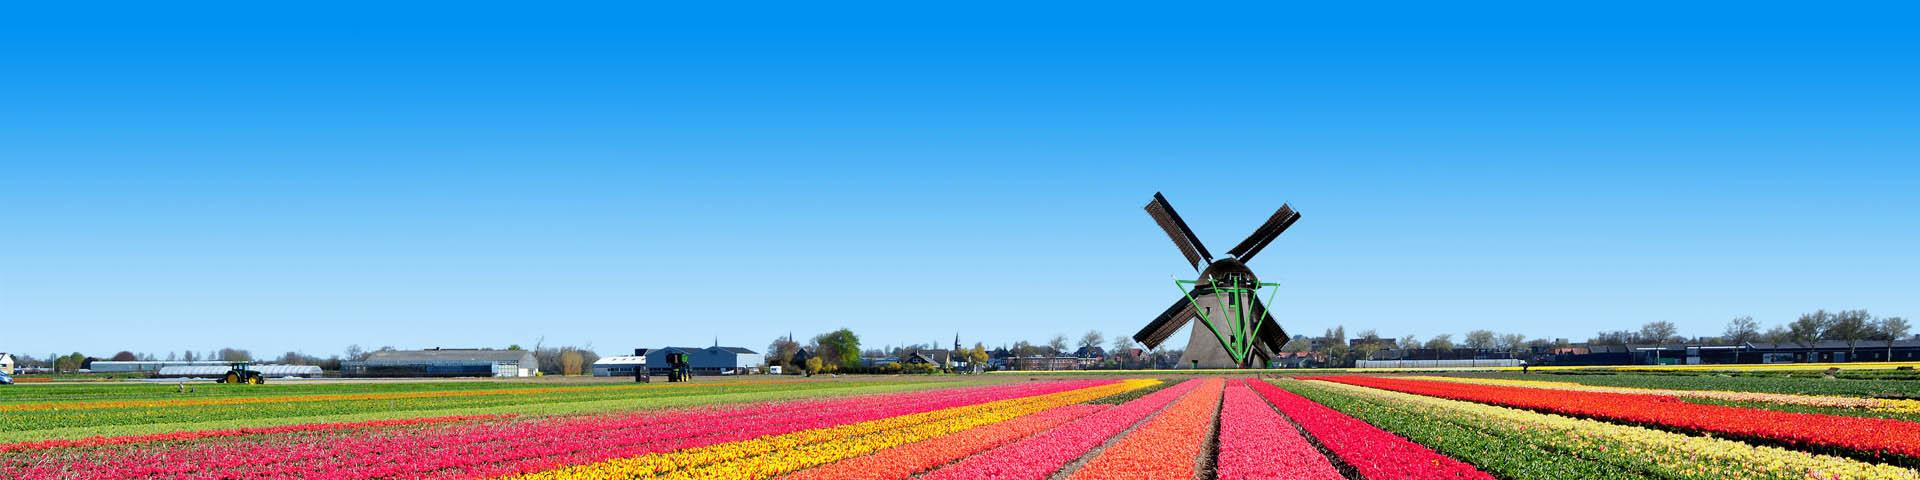 Kleurrijke tulpenvelden met rode, roze en gele tulpen en een molen tijdens een vakantie in Nederland